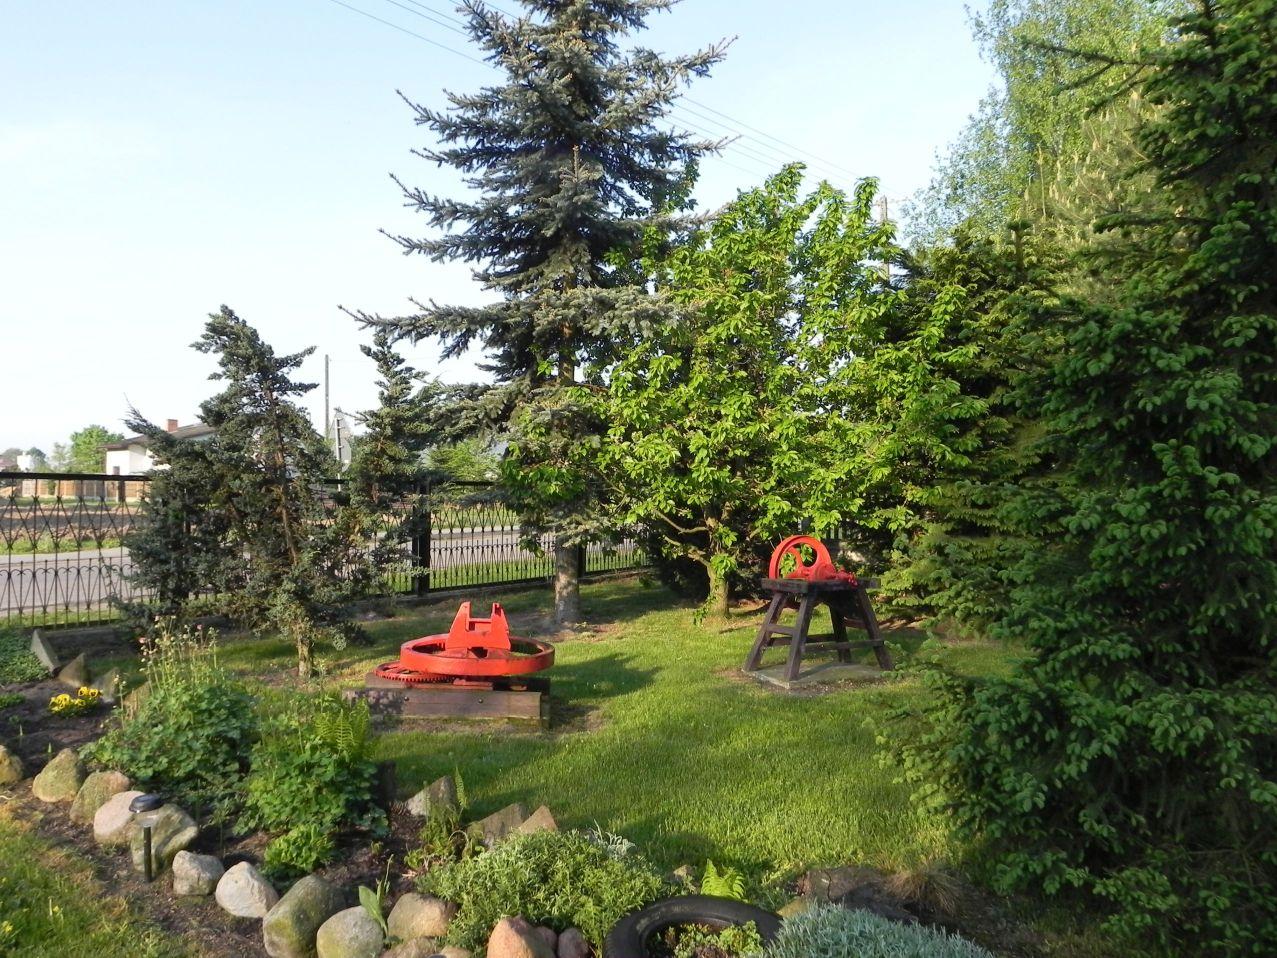 Galeria zdjęć Sochowej Zagrody - podwórko i przyroda (38)